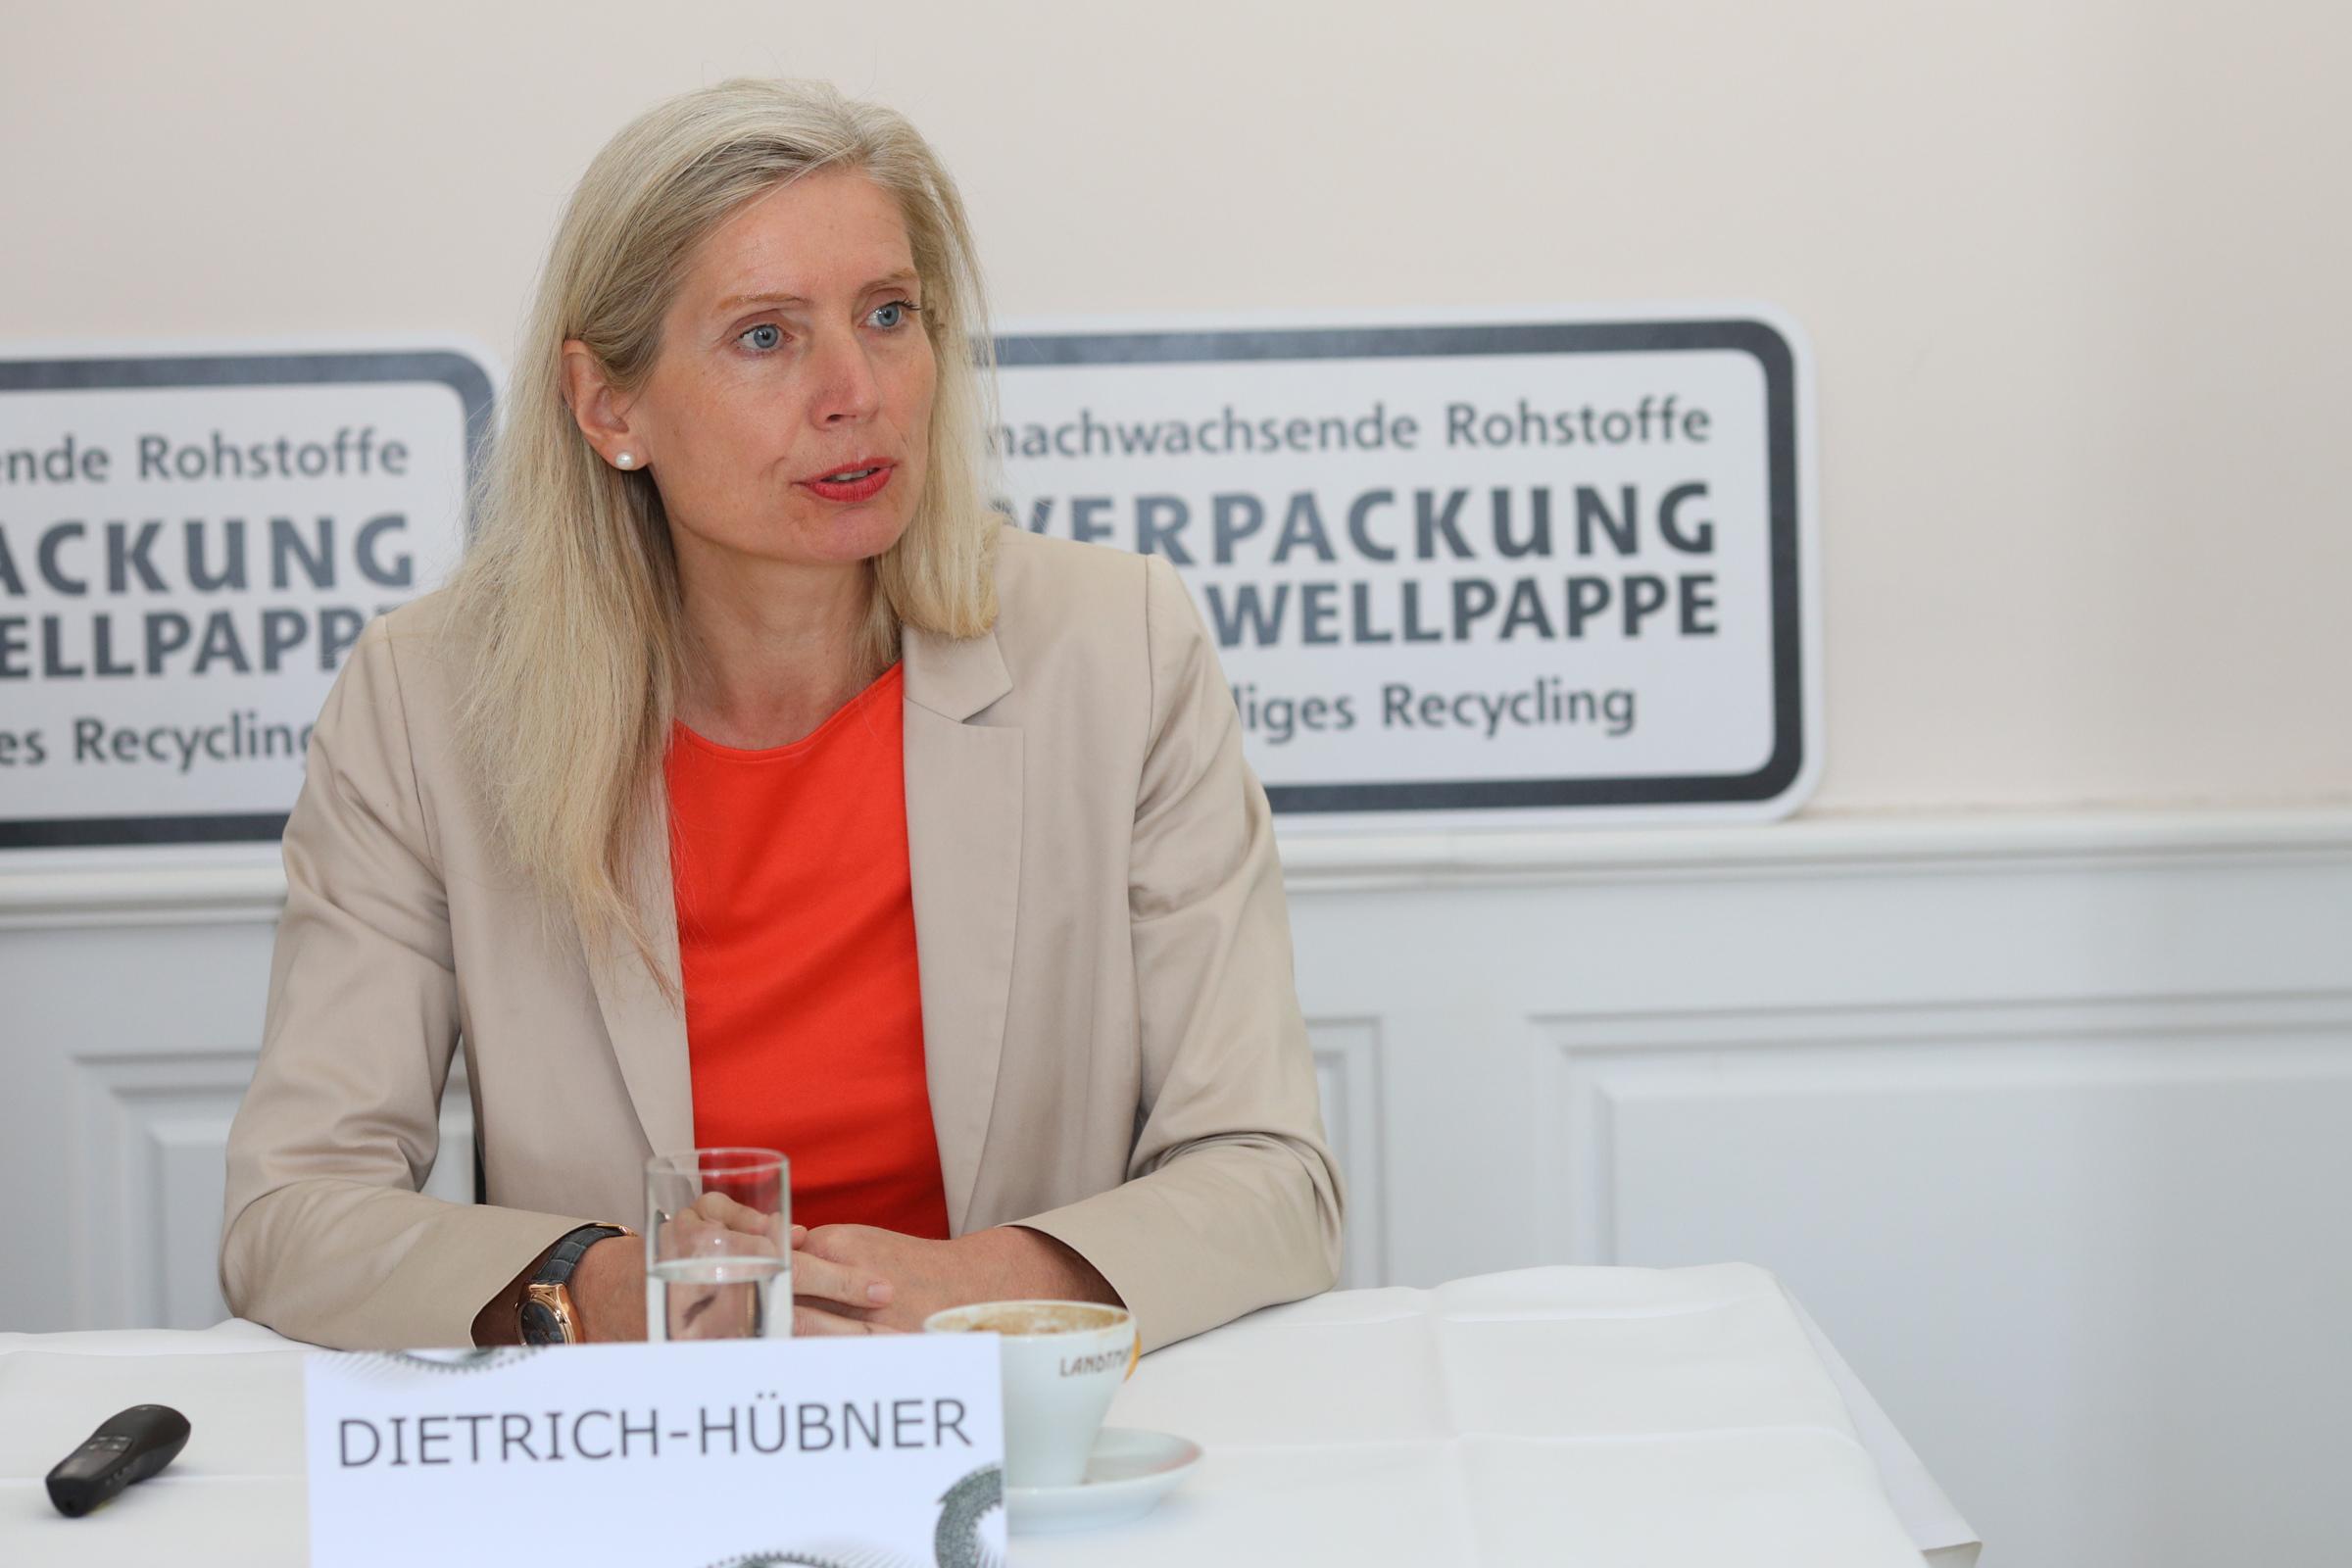 Tanja Dietrich-Huebner, FWA Pressekonferenz © L. Schedl